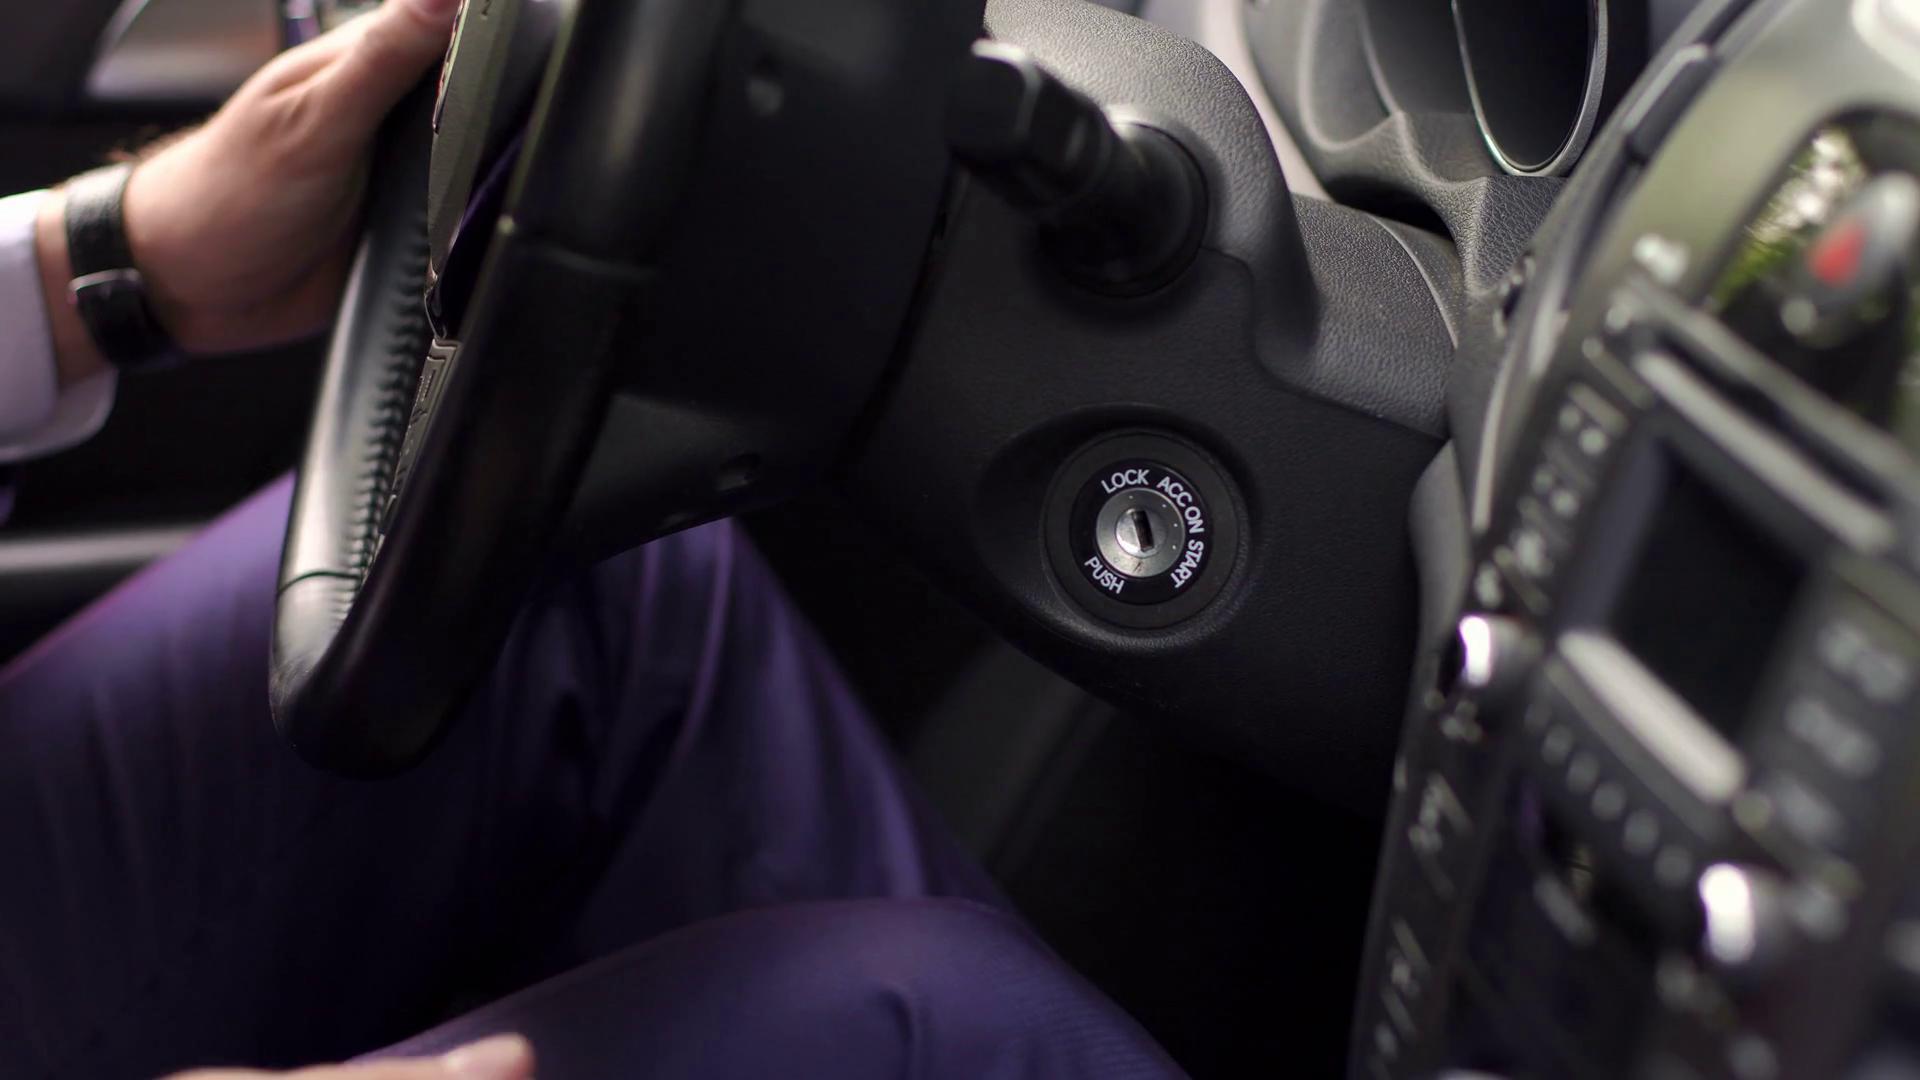 كيف تزيل مفتاح السيارة المكسور بدون خسائر؟